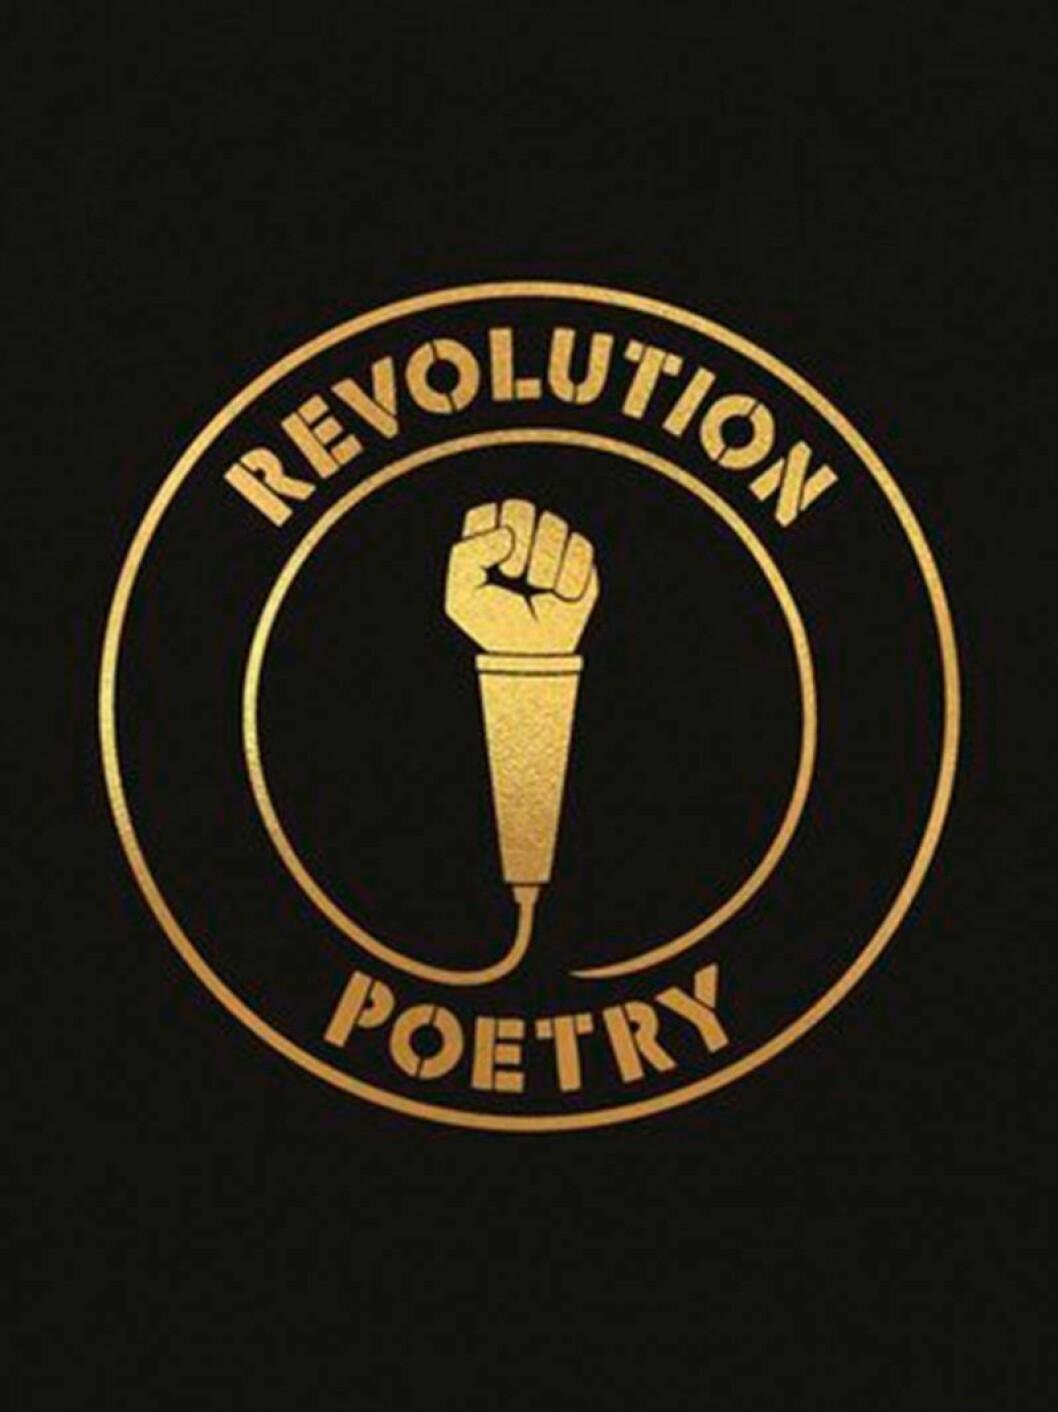 Bokomslag till Revolution poetry, svart bakrund med boktitel skriven i guld som omsluter en mikrofon med en höjd knytnäve.